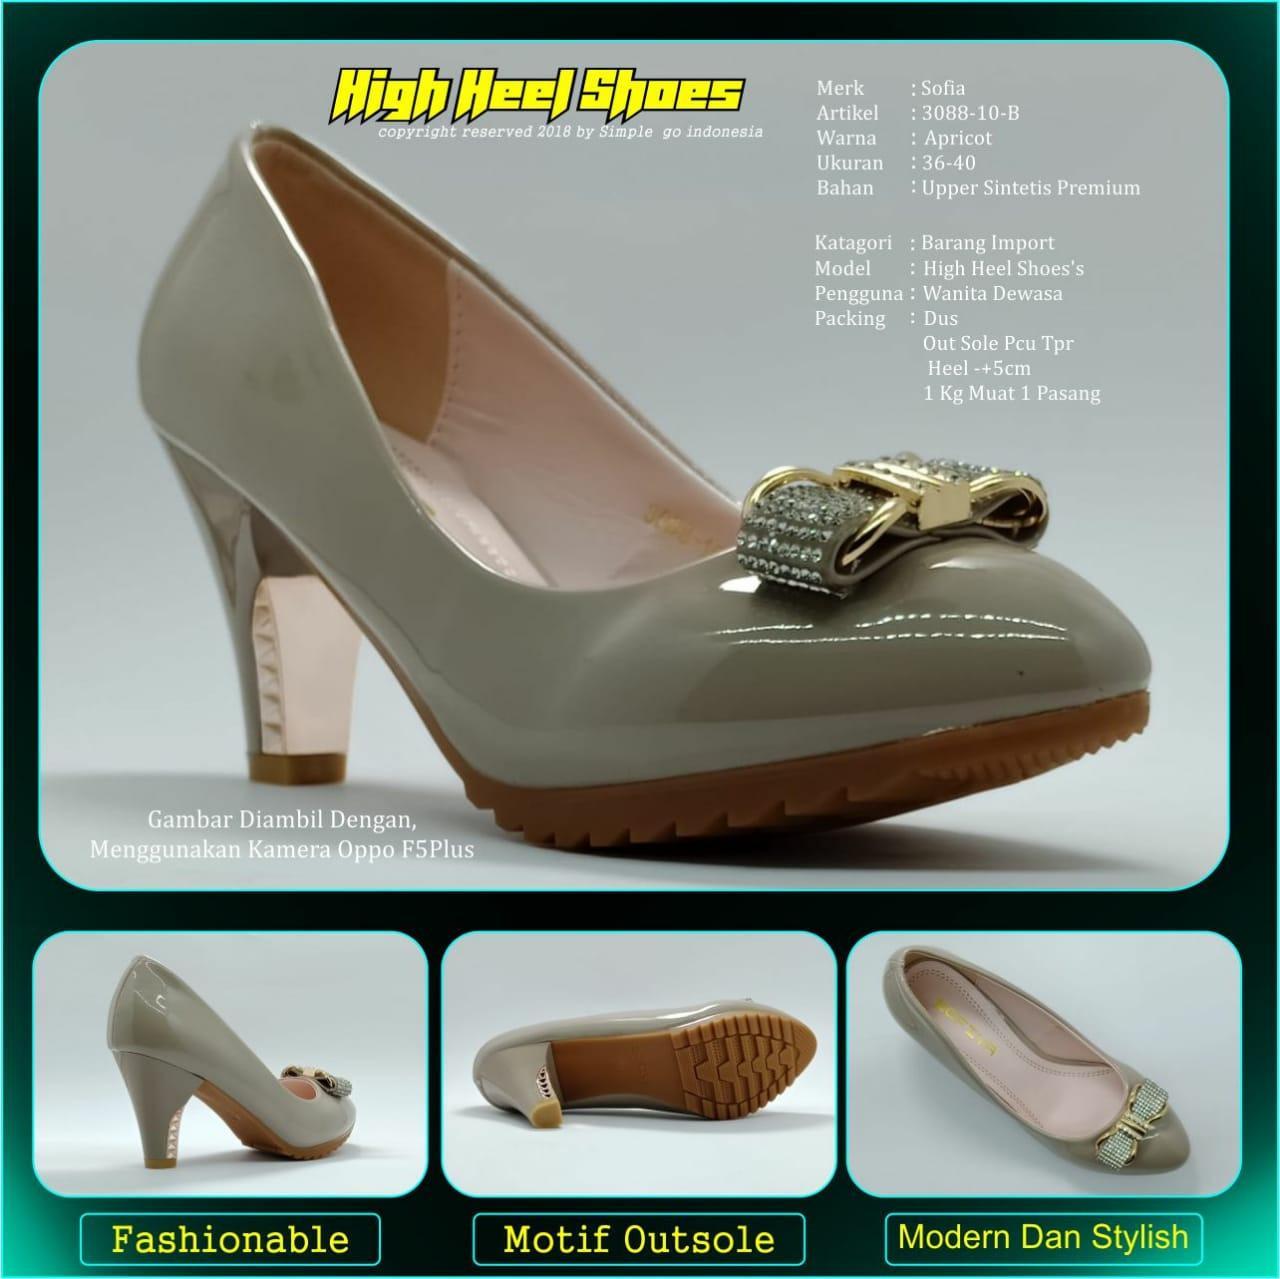 Sepatu wedges wanita Sofiya 3088 10 36-40